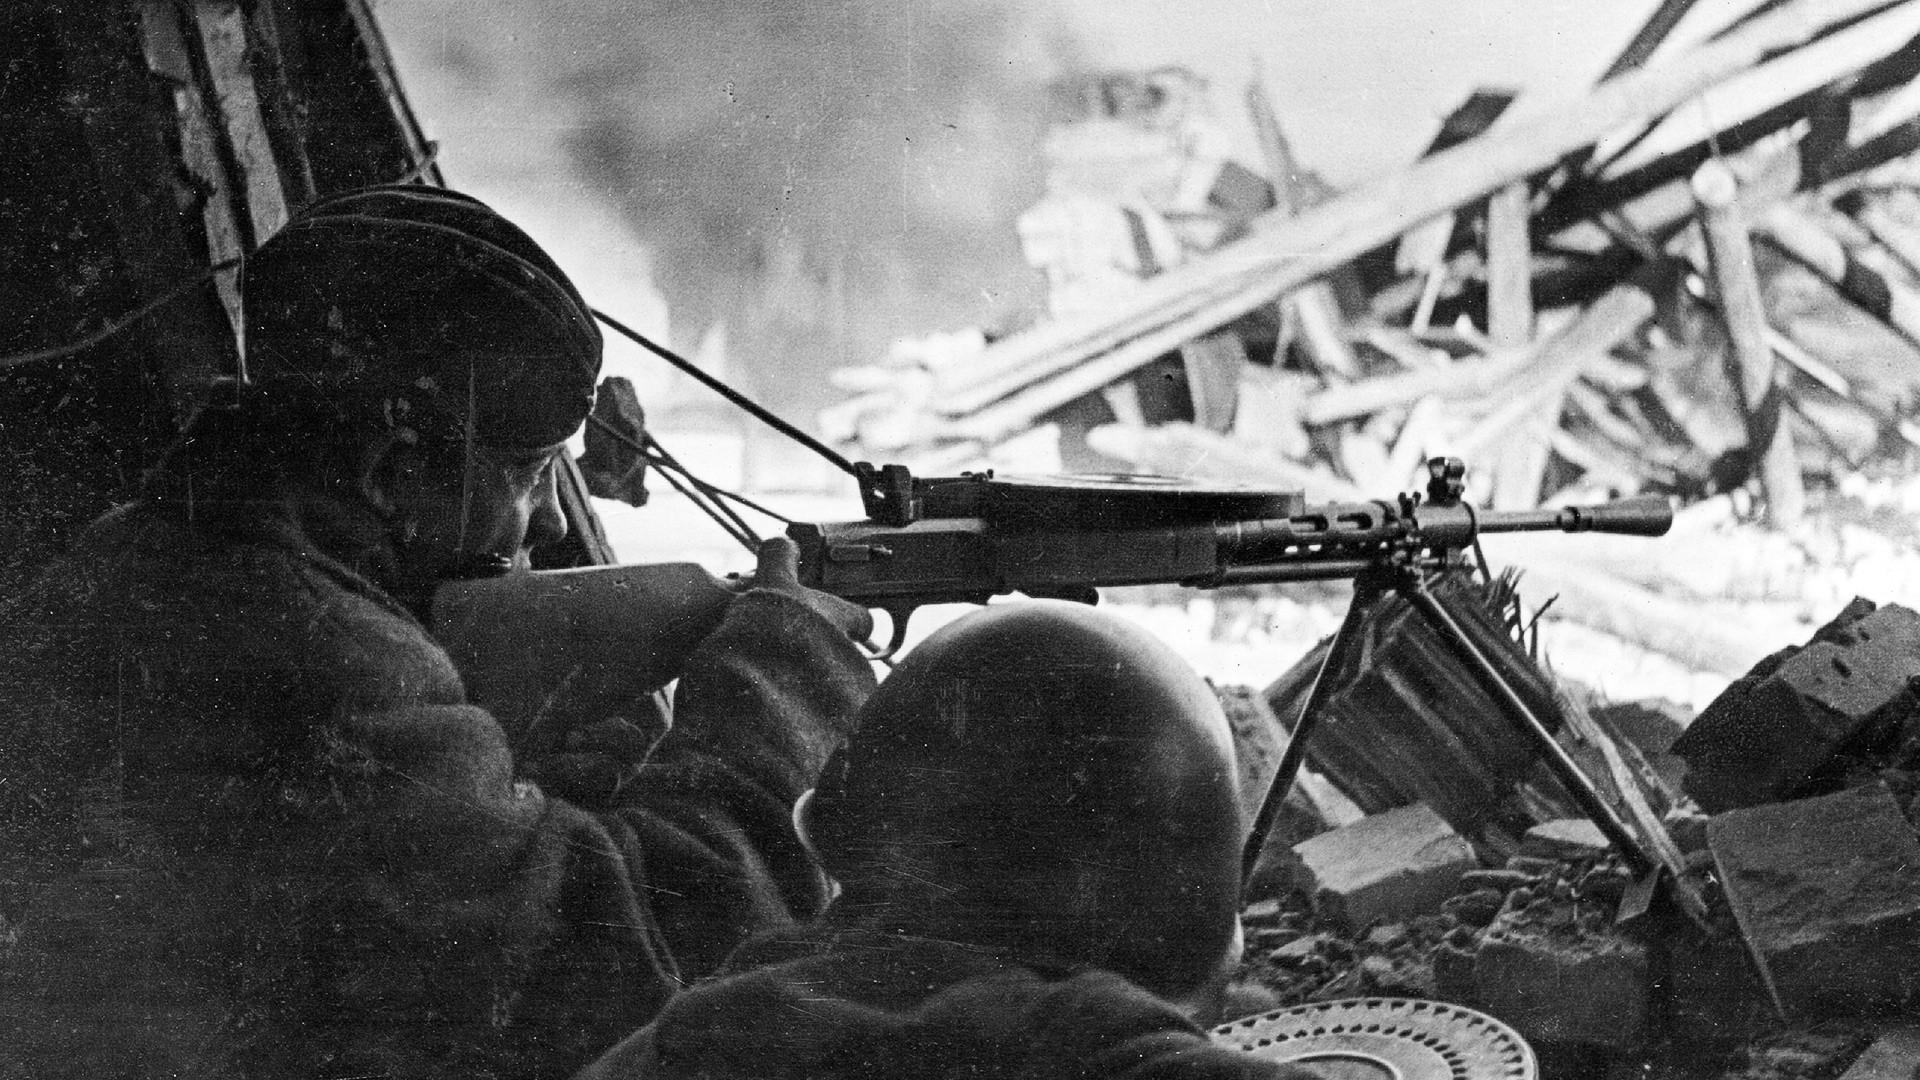 Ametralladoras soviéticas disparan contra los nazis que se habían encerrado en casas durante los enfrentamientos callejeros en las afueras de Stalingrado